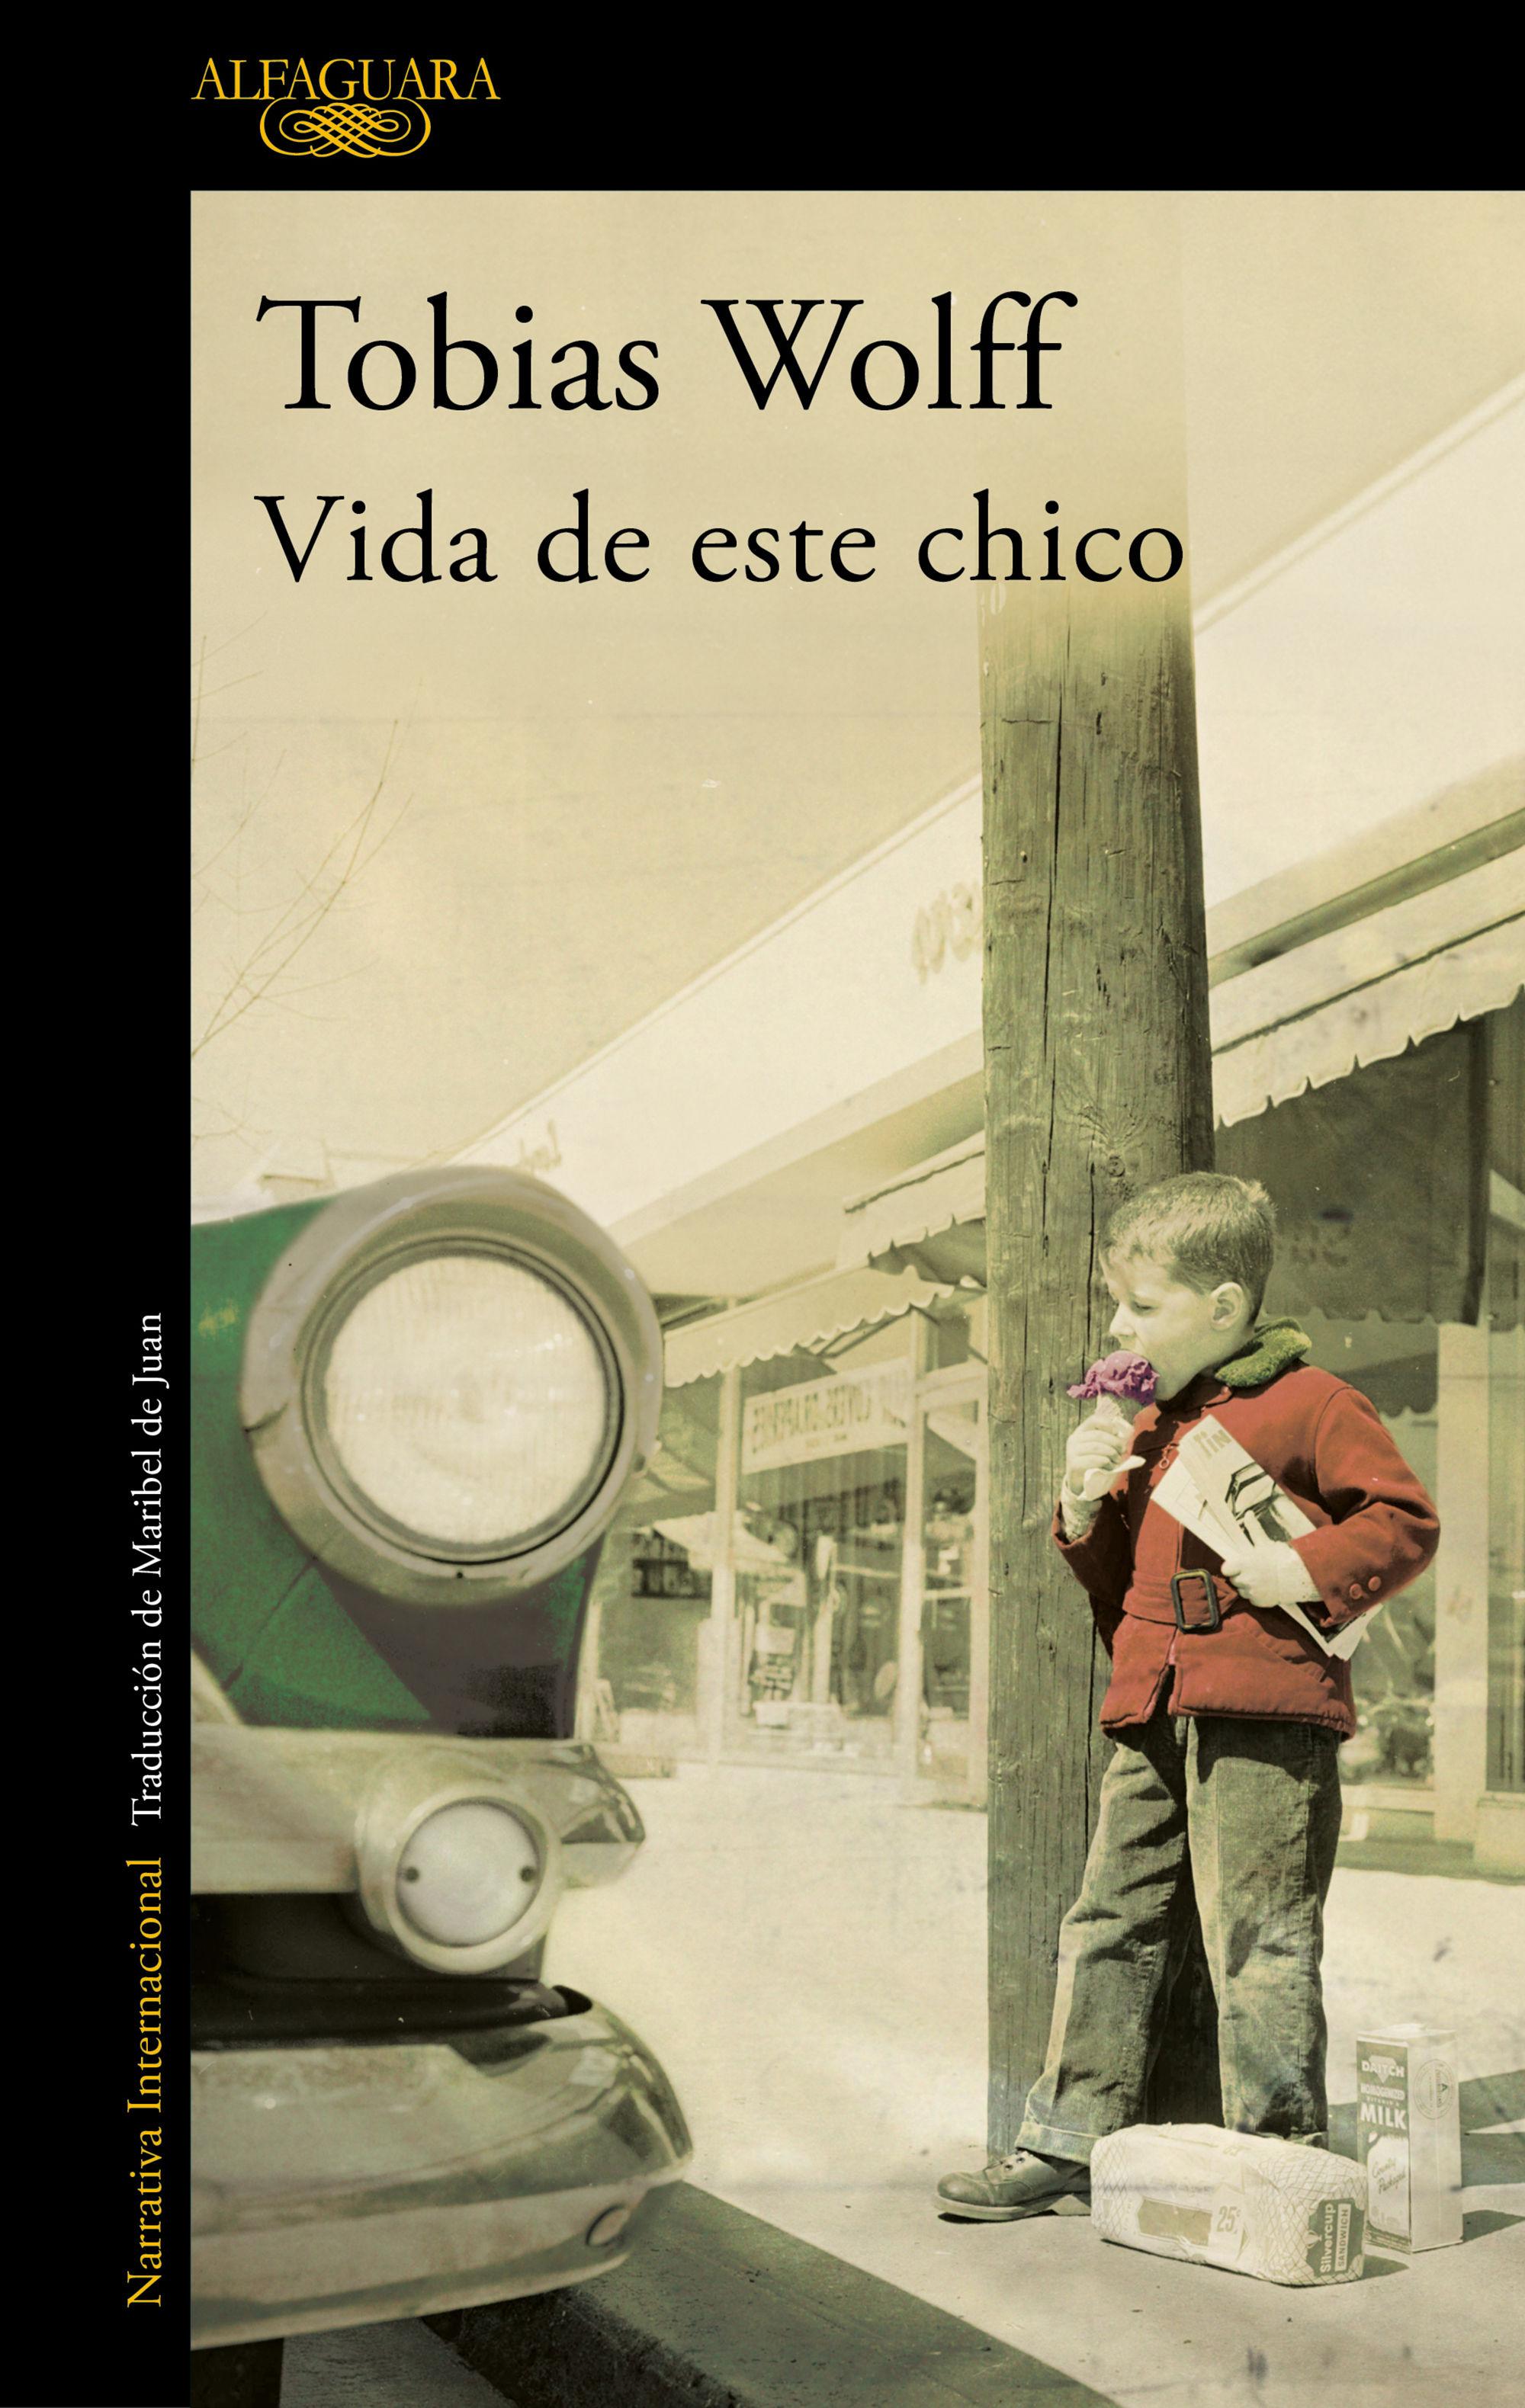 VIDA DE ESTE CHICHO